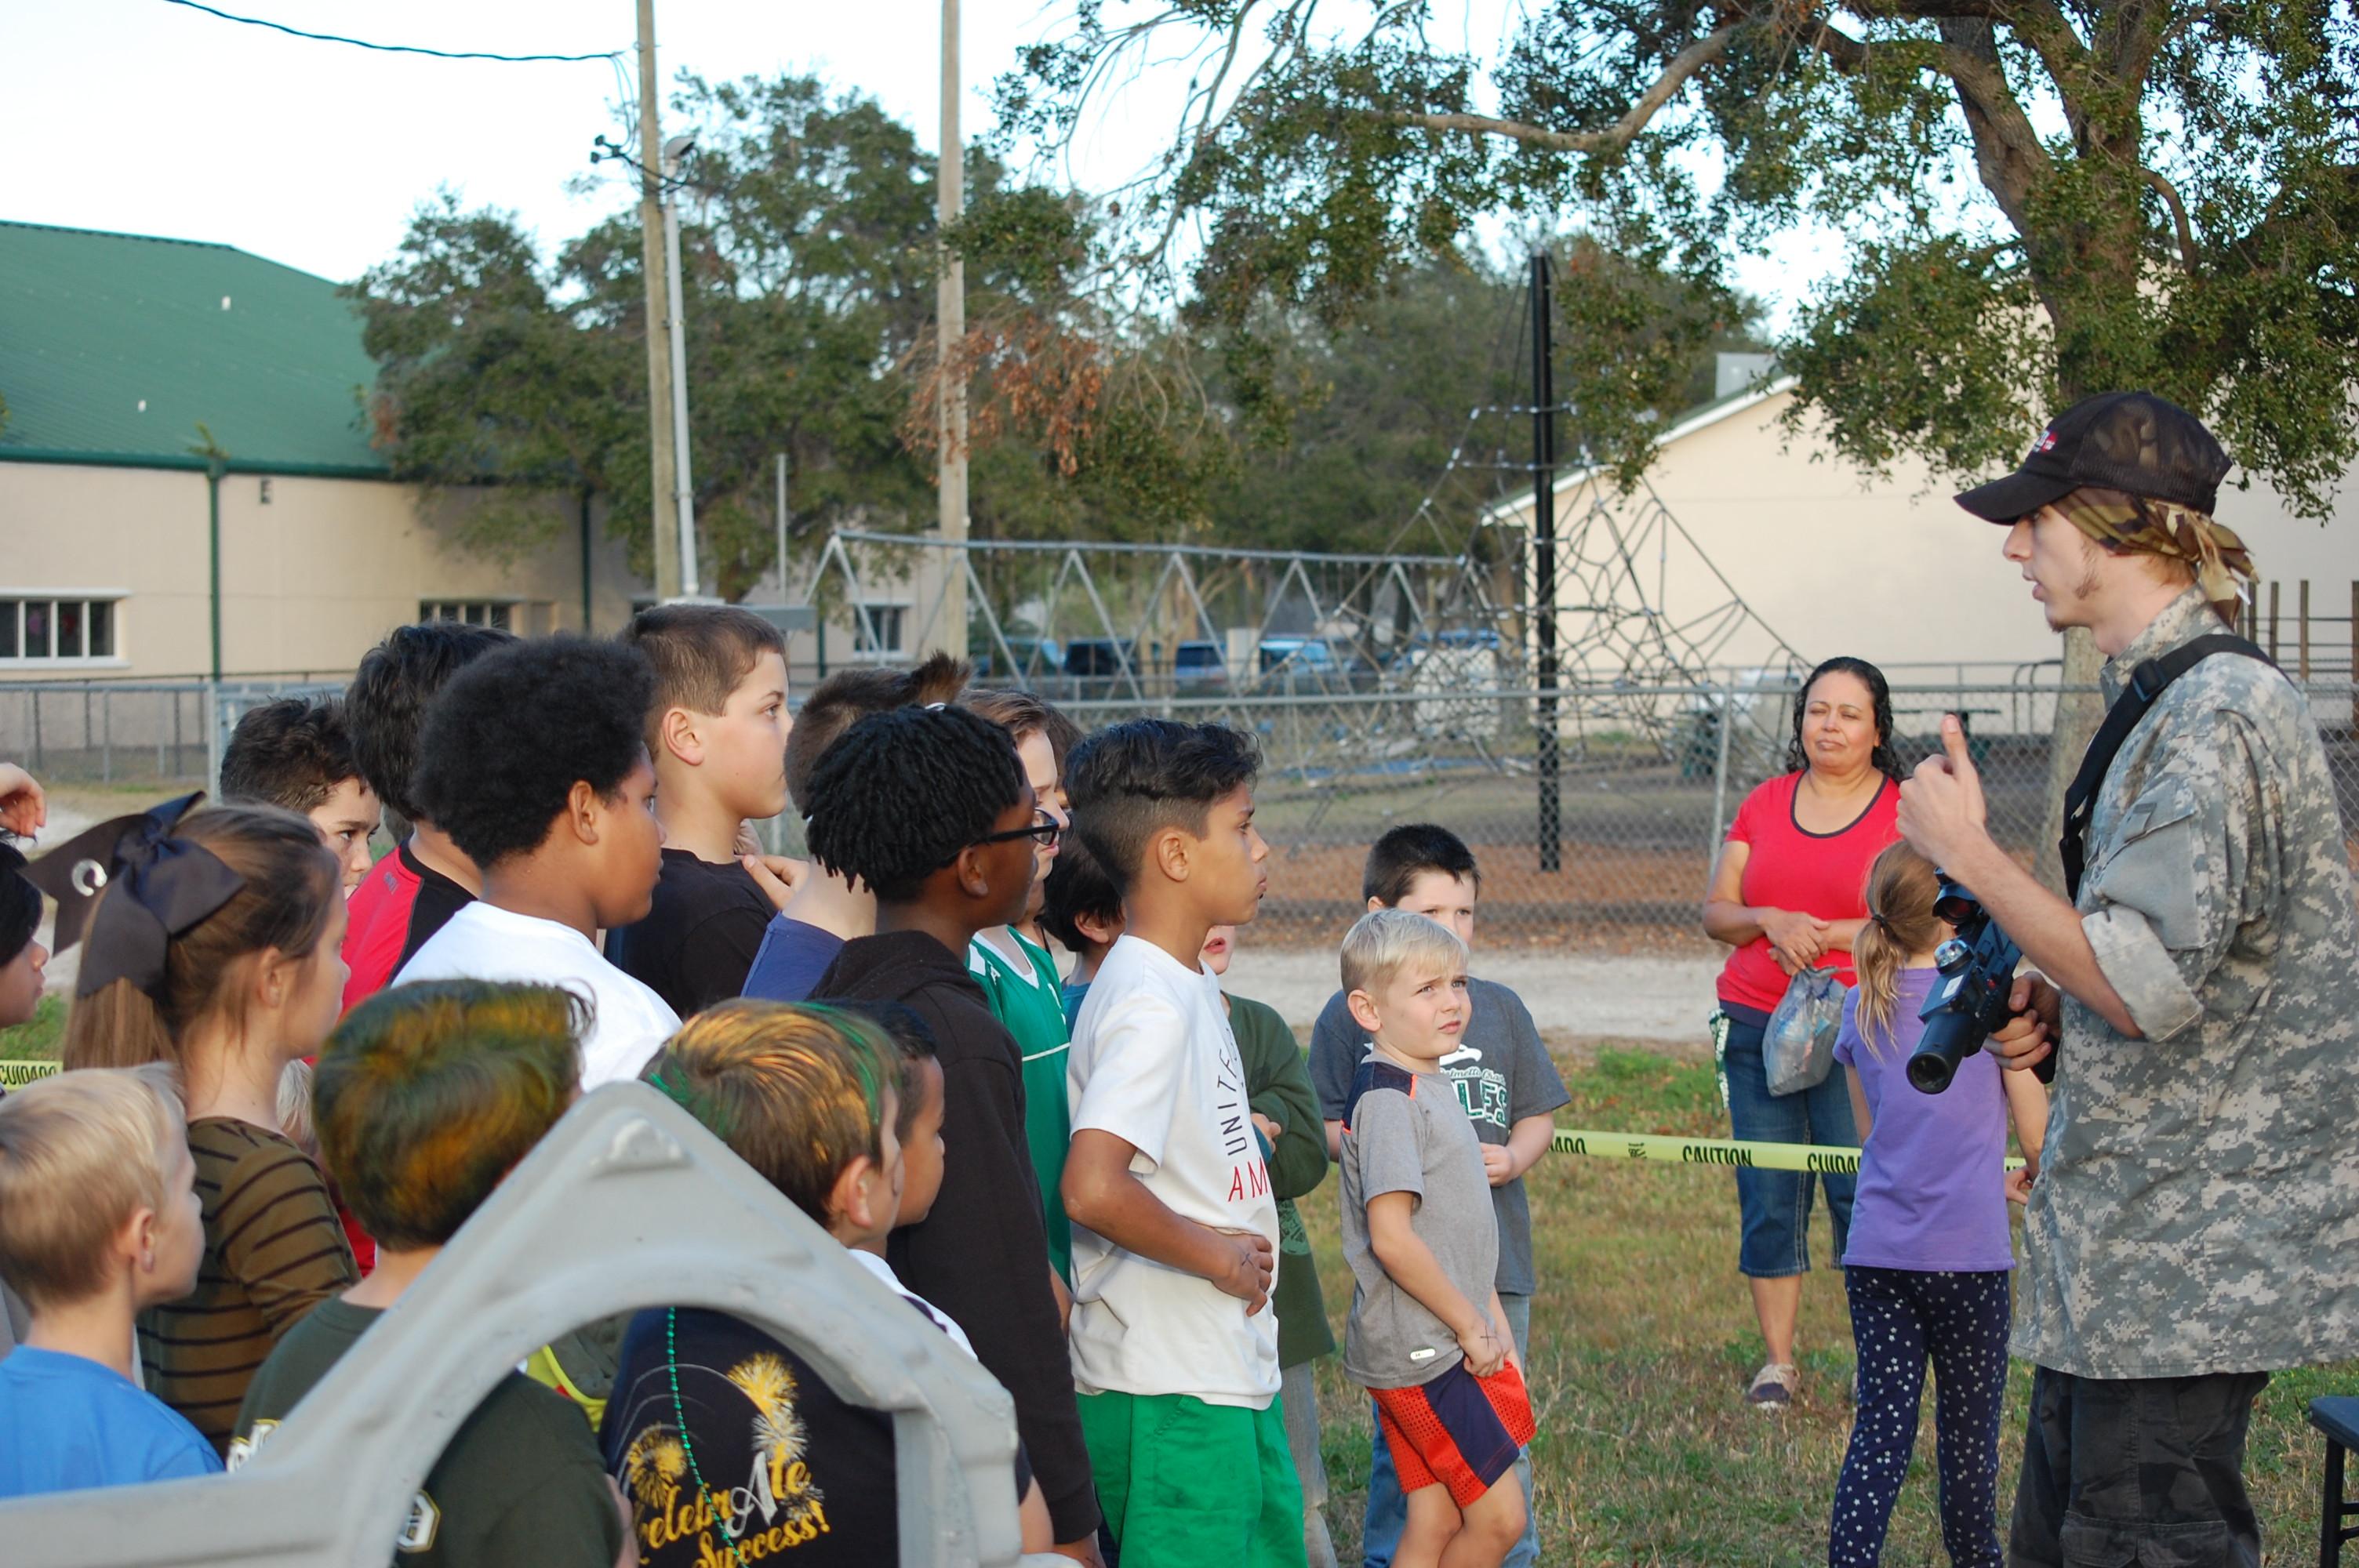 School Events in Sarasota